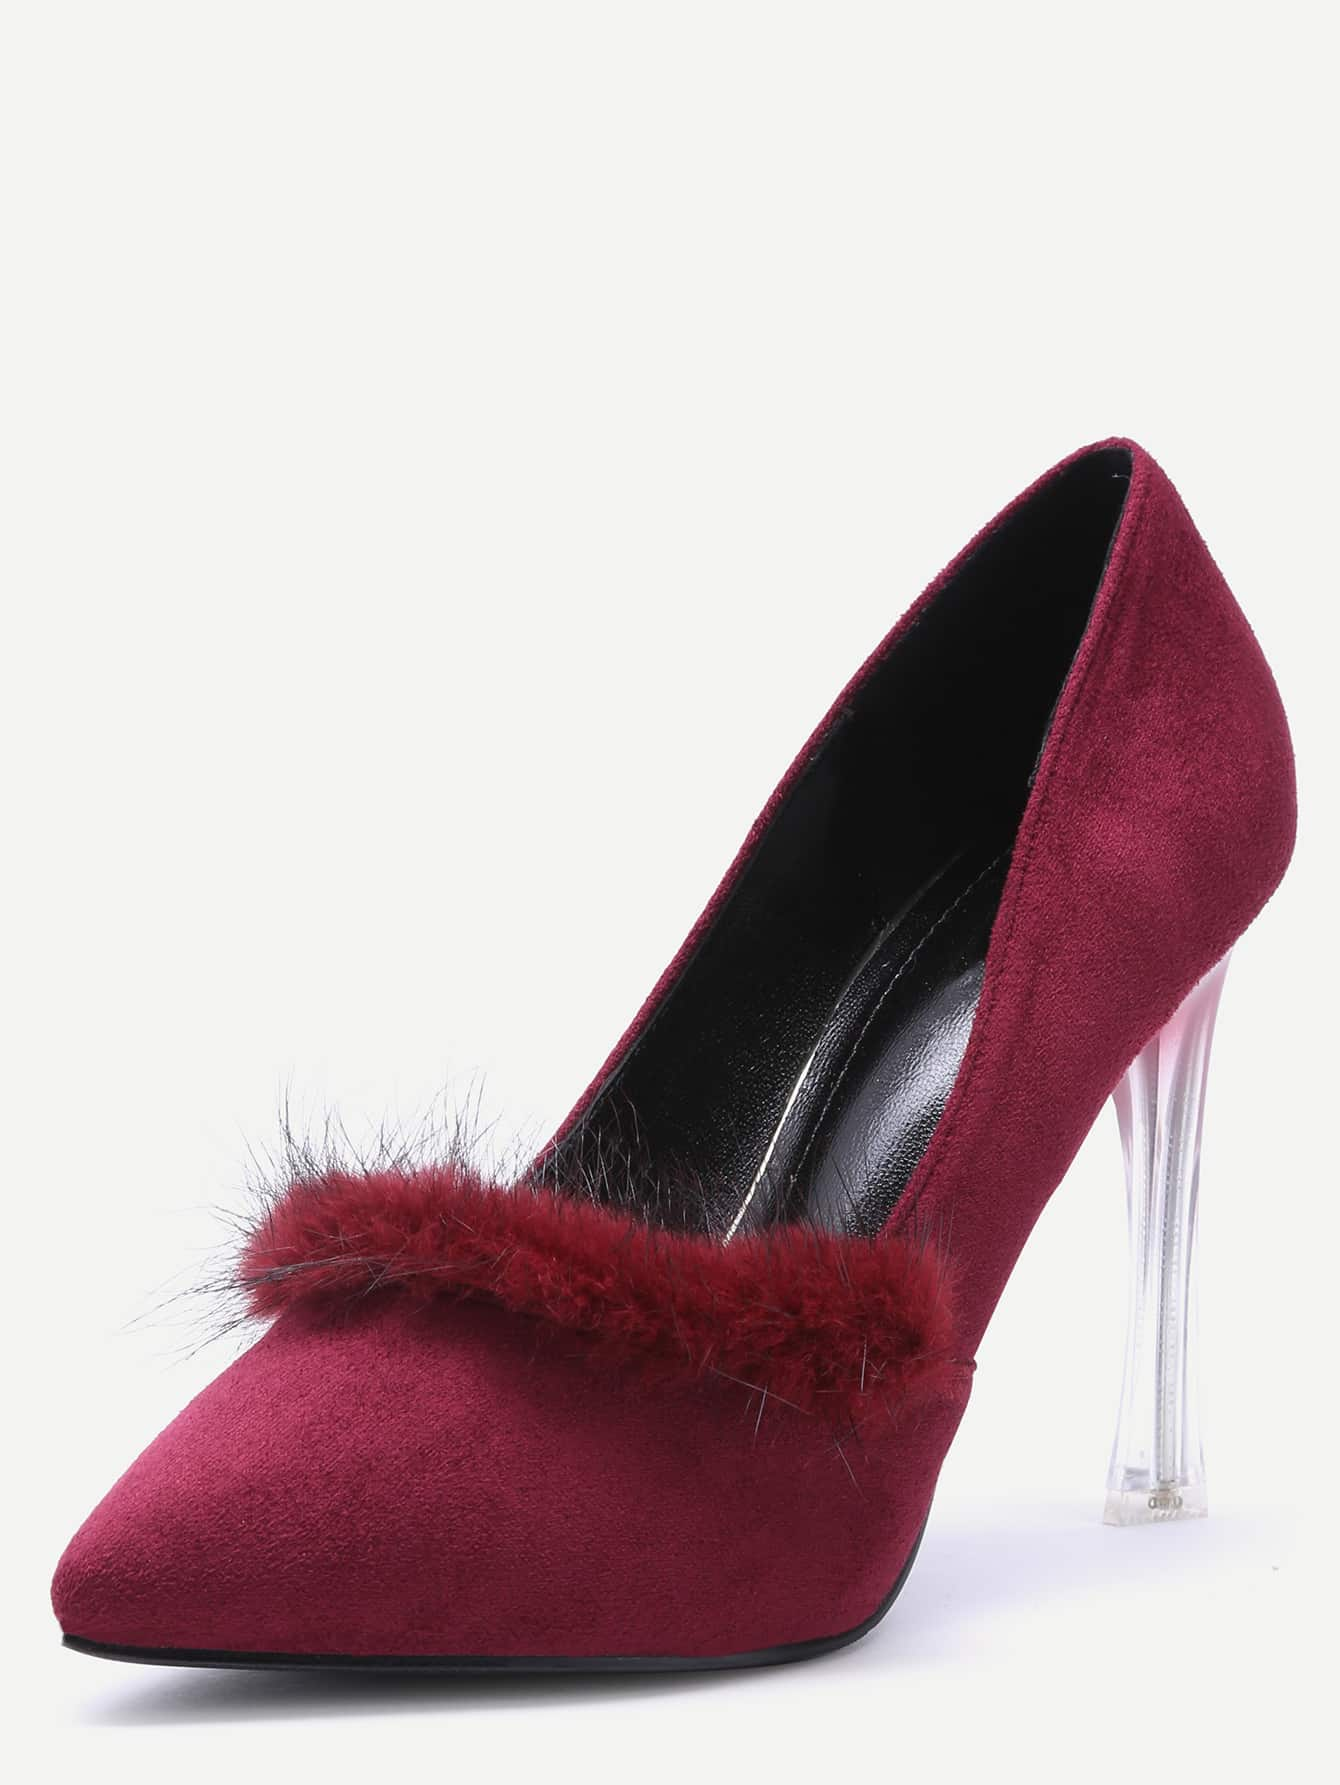 shoes161207811_2